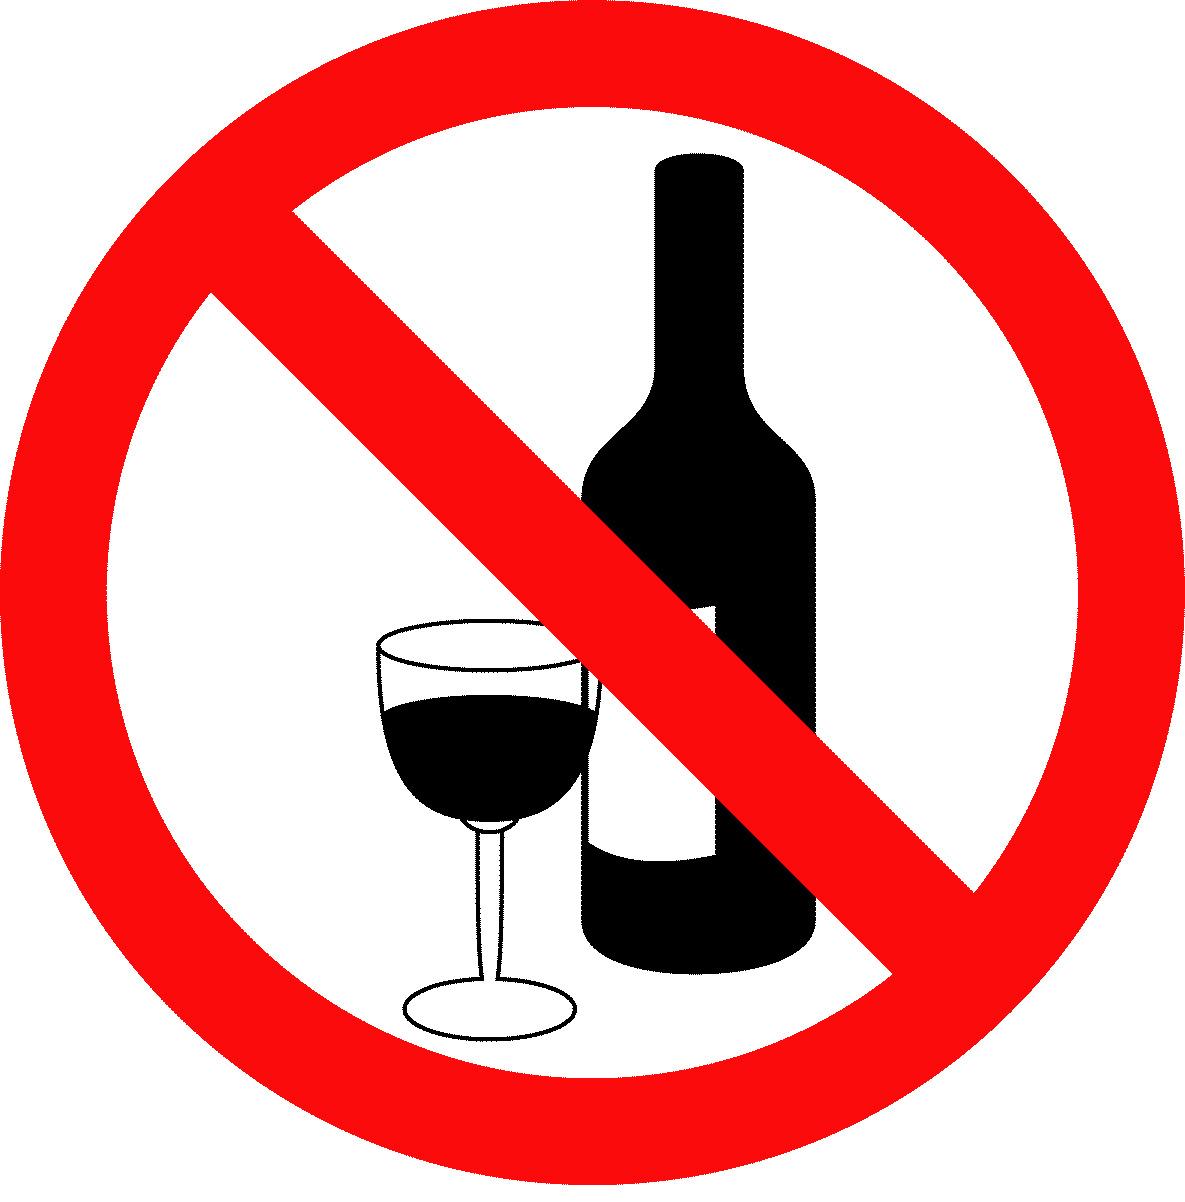 No bebidas alcoholicas